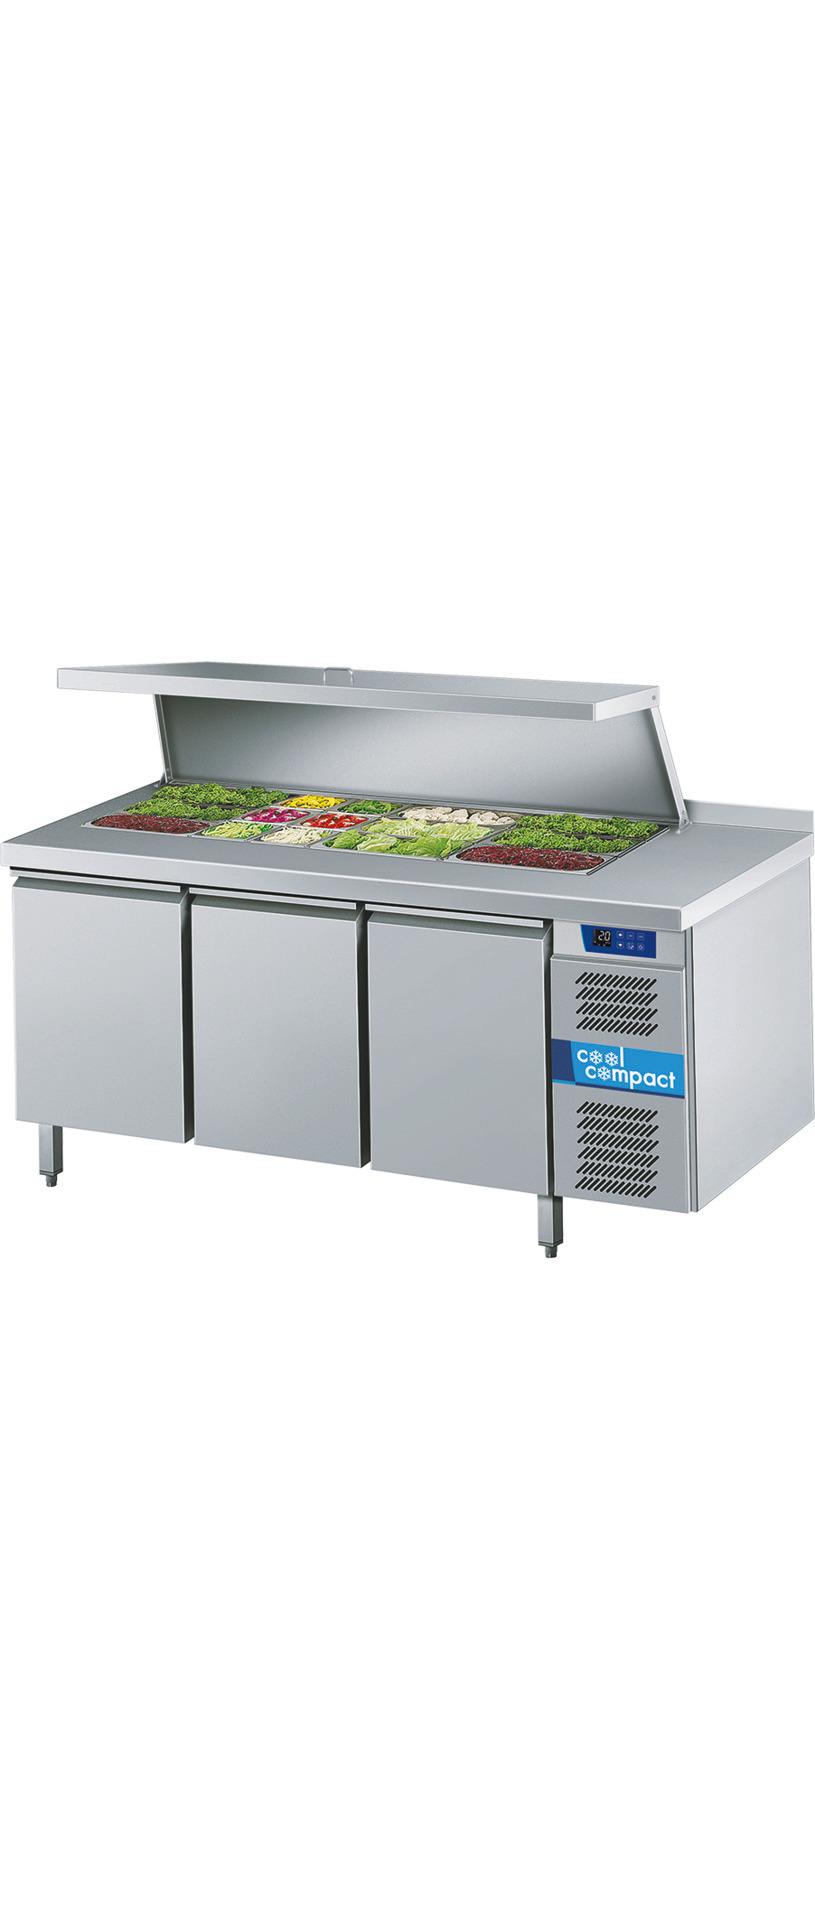 Saladette 3 Türen je 9 x GN 1/1 /  mit Aufkantung / zentralgekühlt